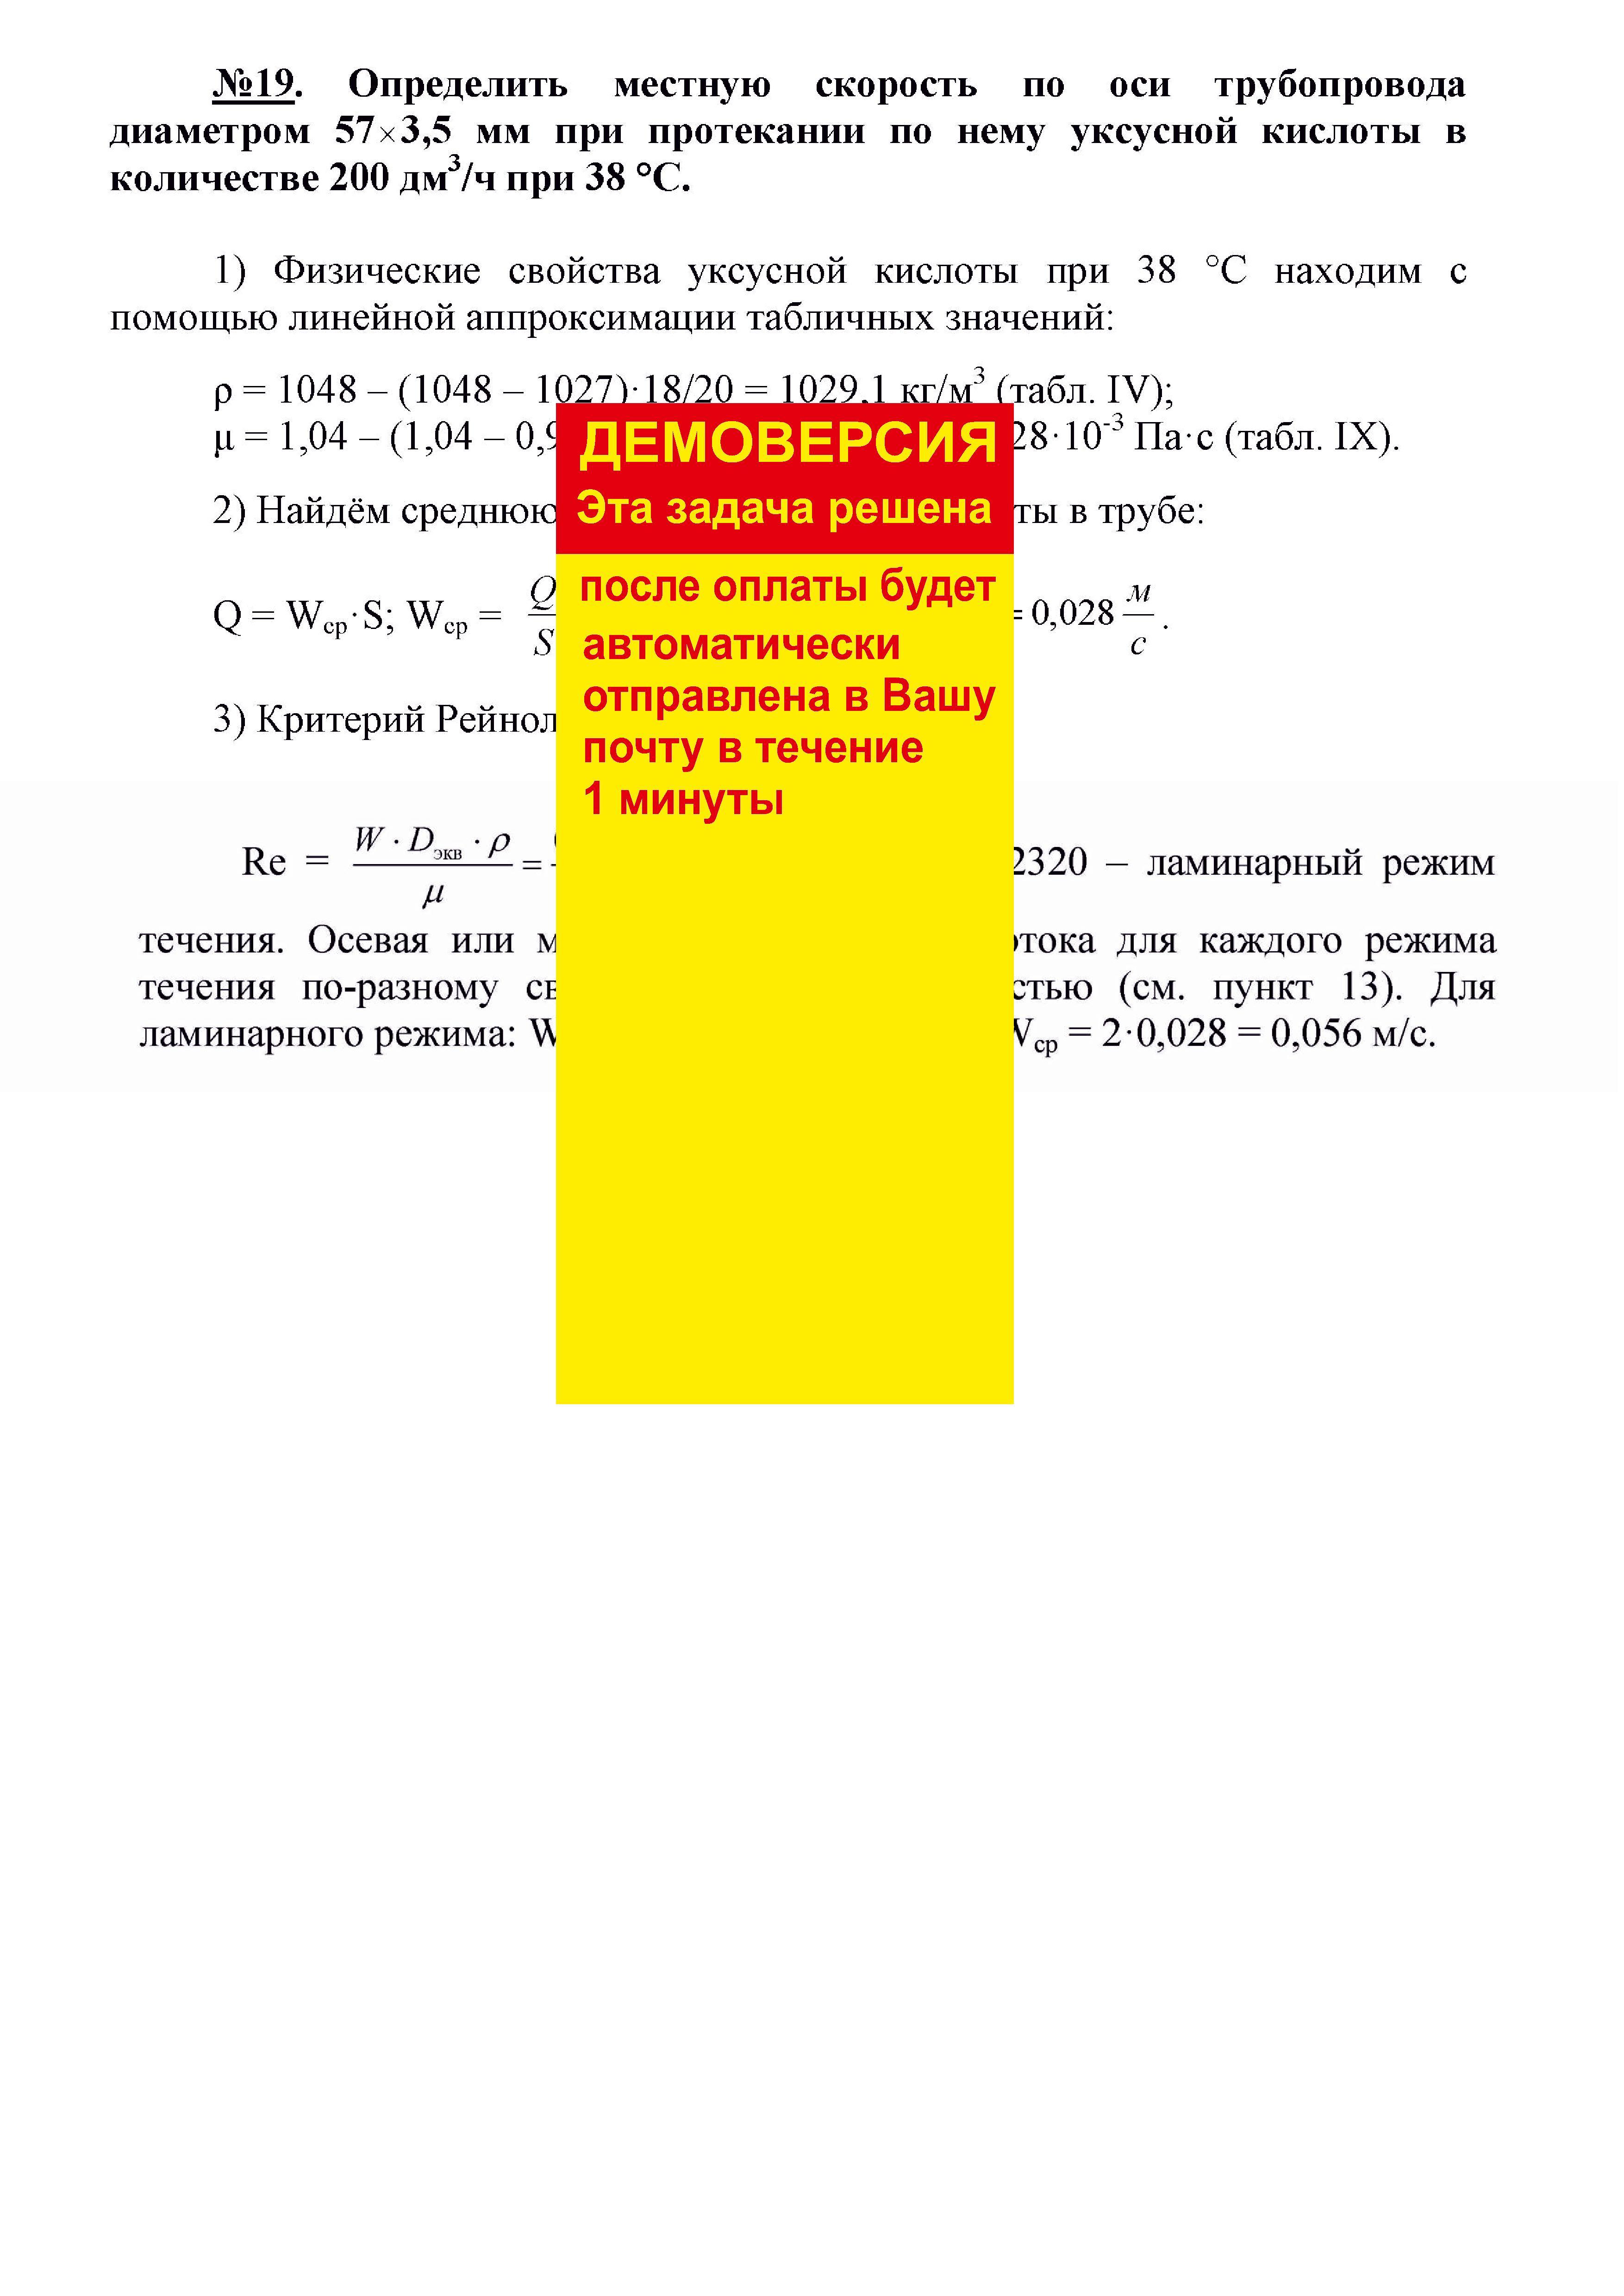 Решение задачи 1.19 по ПАХТ из задачника Павлова Романкова Носкова